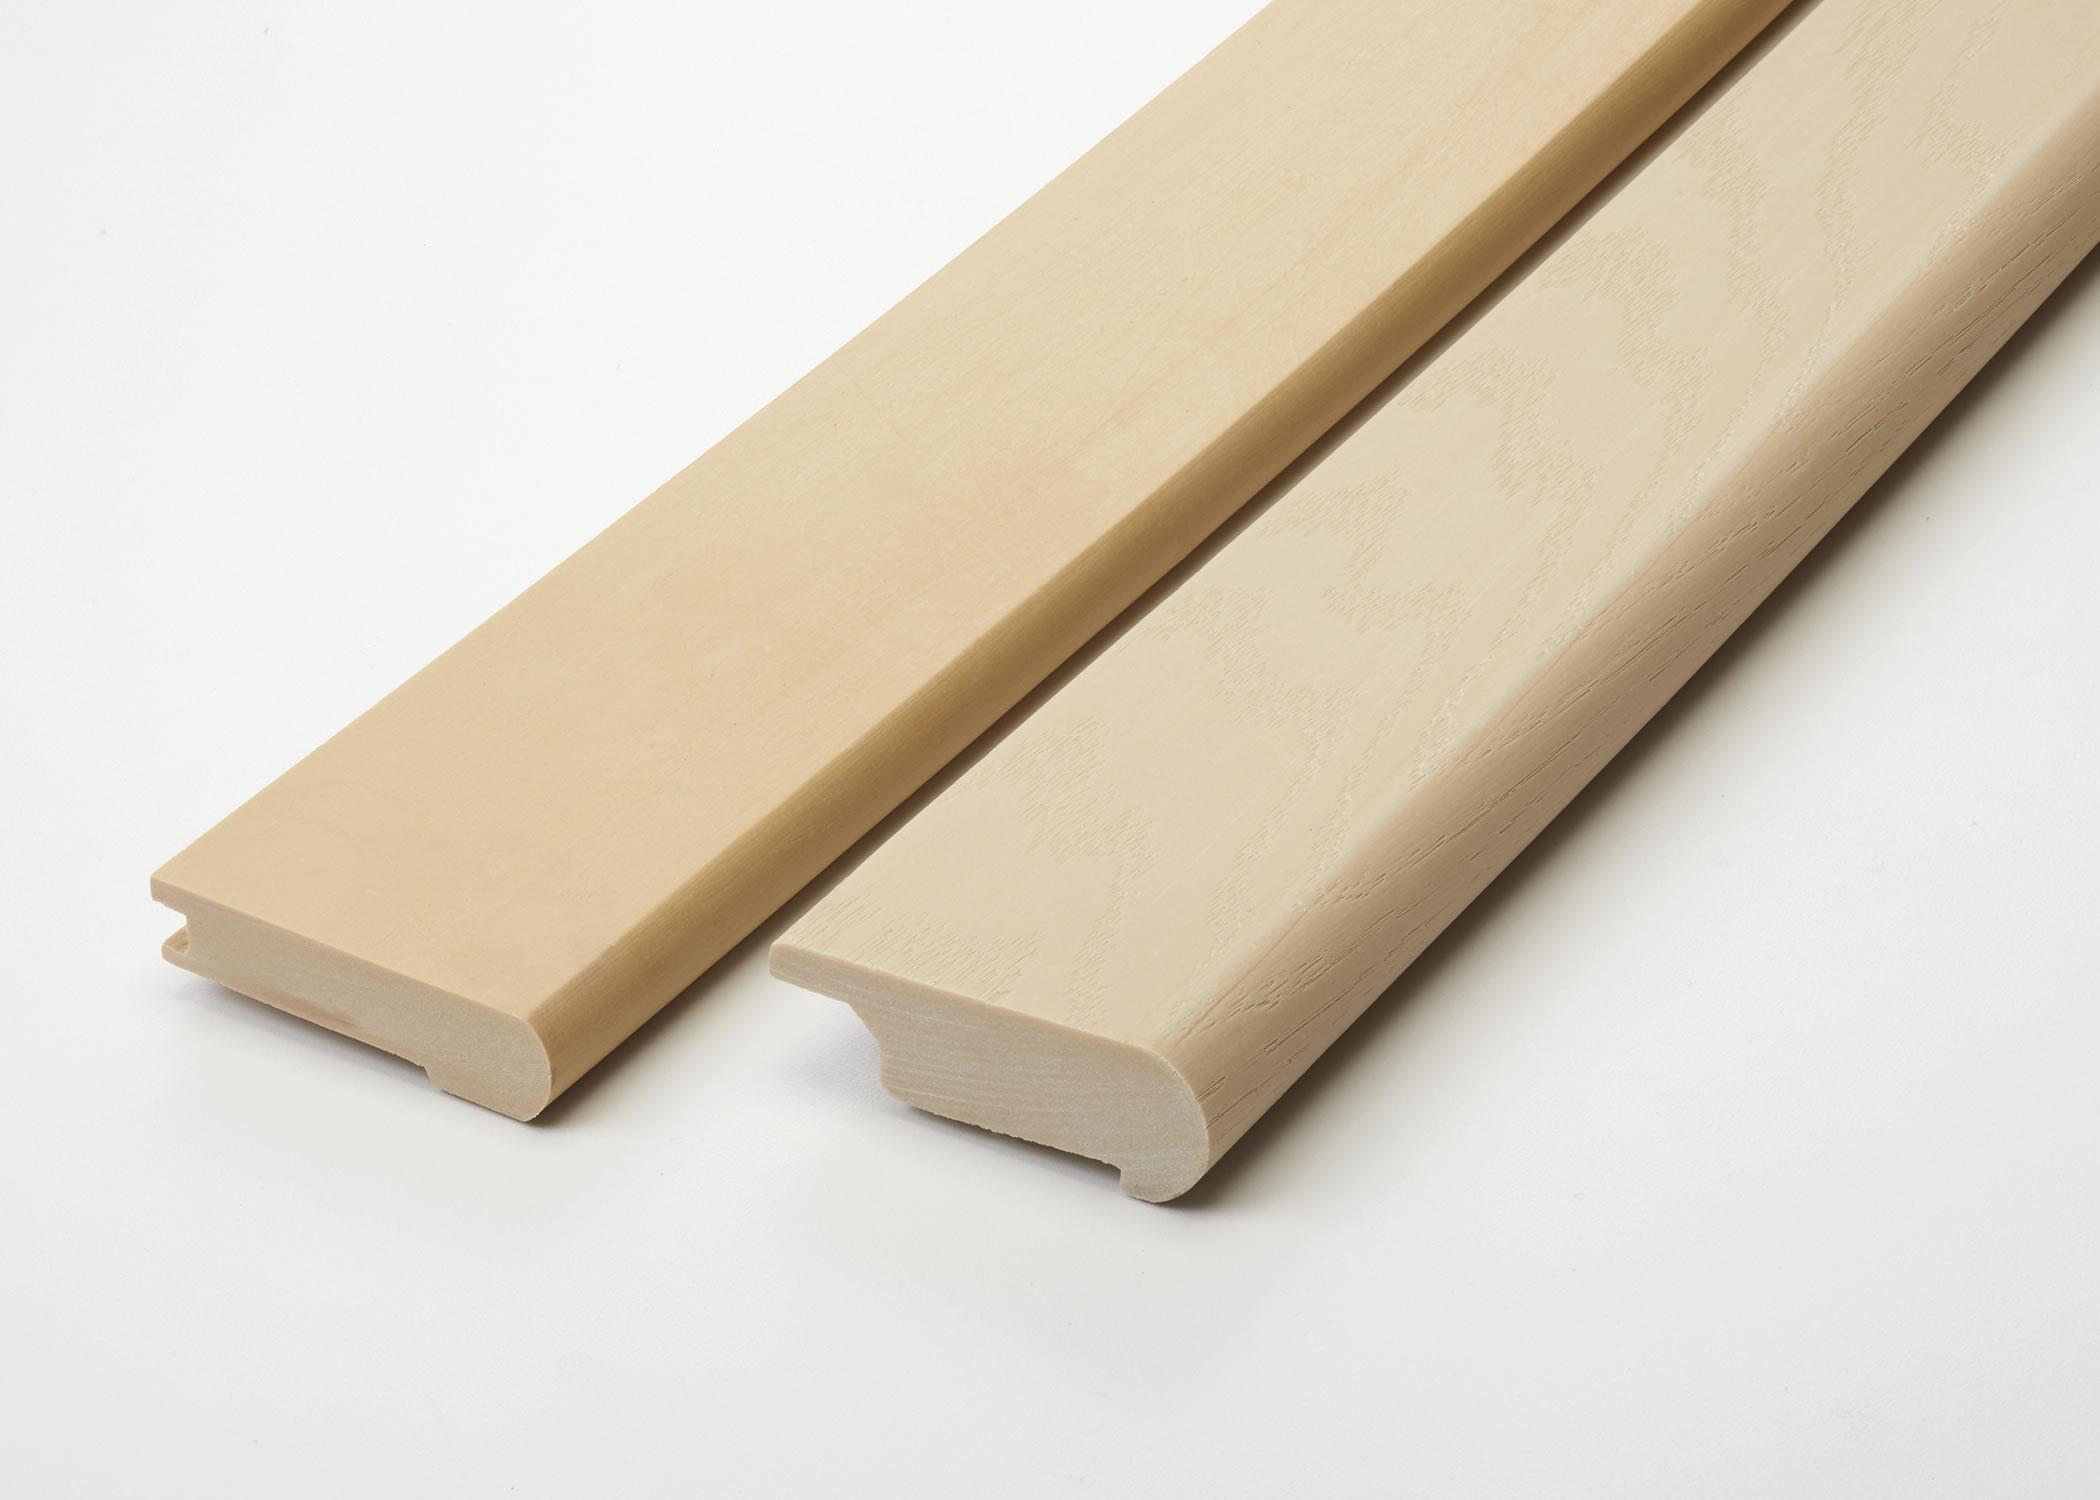 Flexible Paintable Wood Grain Stair Nosings